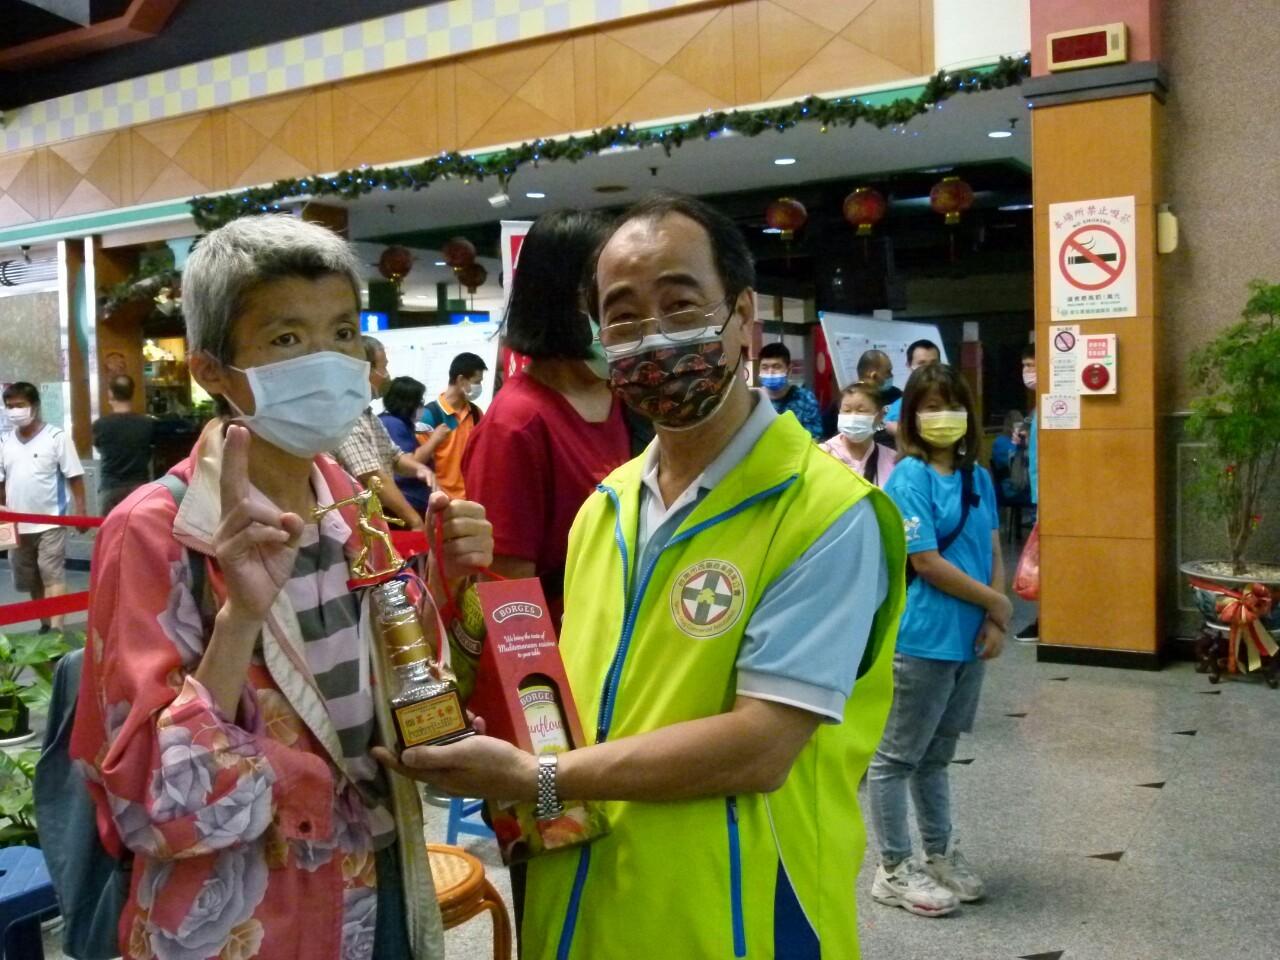 110年度公益活動臺南市西藥盃身心障礙者保齡球賽於黃金保齡球館舉行。_210830_37